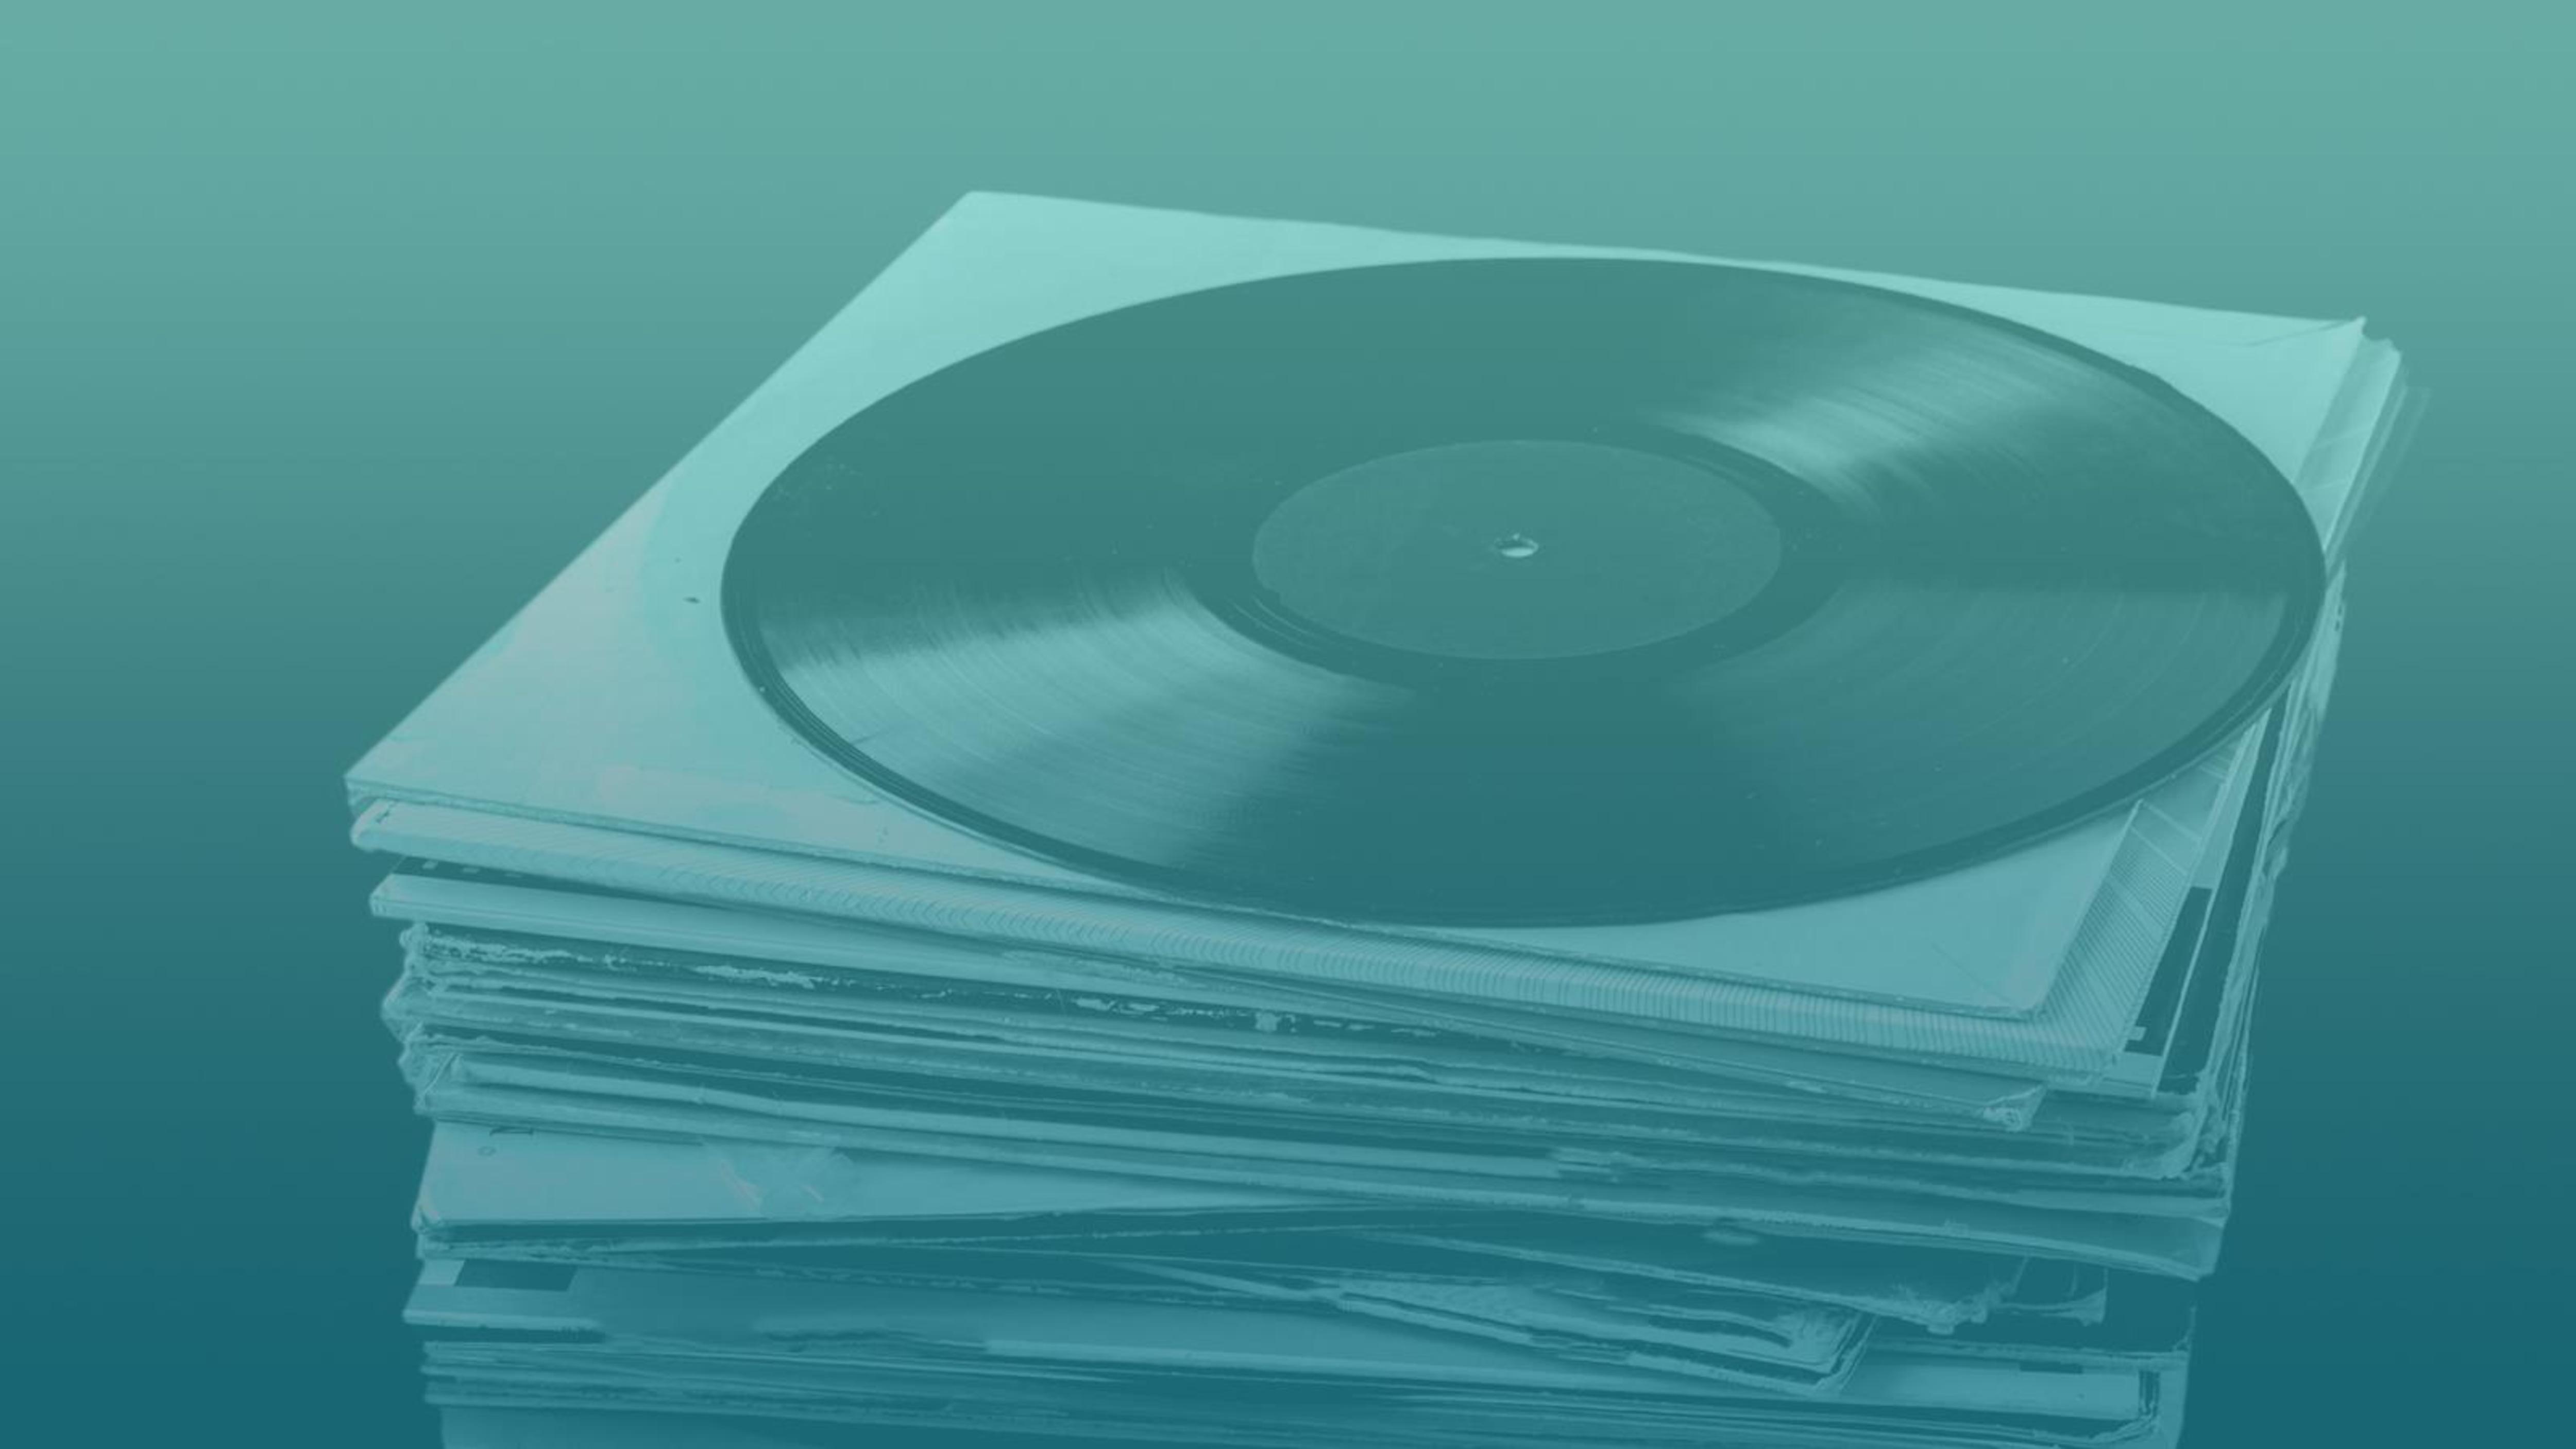 un pile de disques vinyles